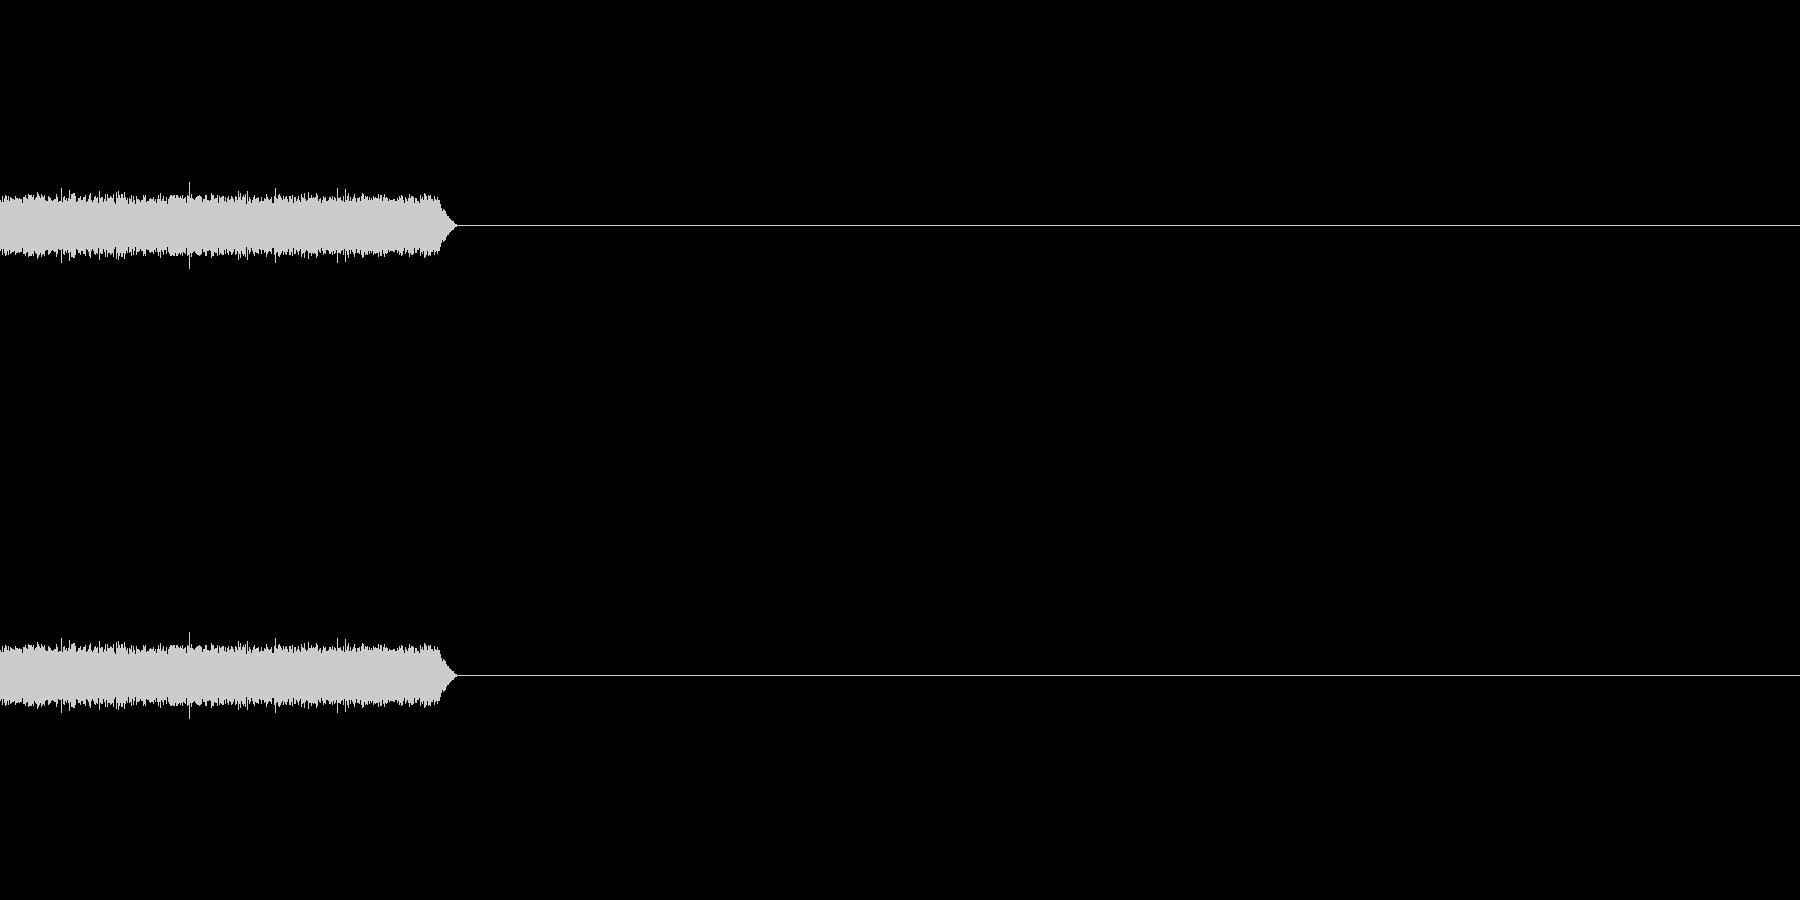 【ホワイトノイズ-1】の未再生の波形